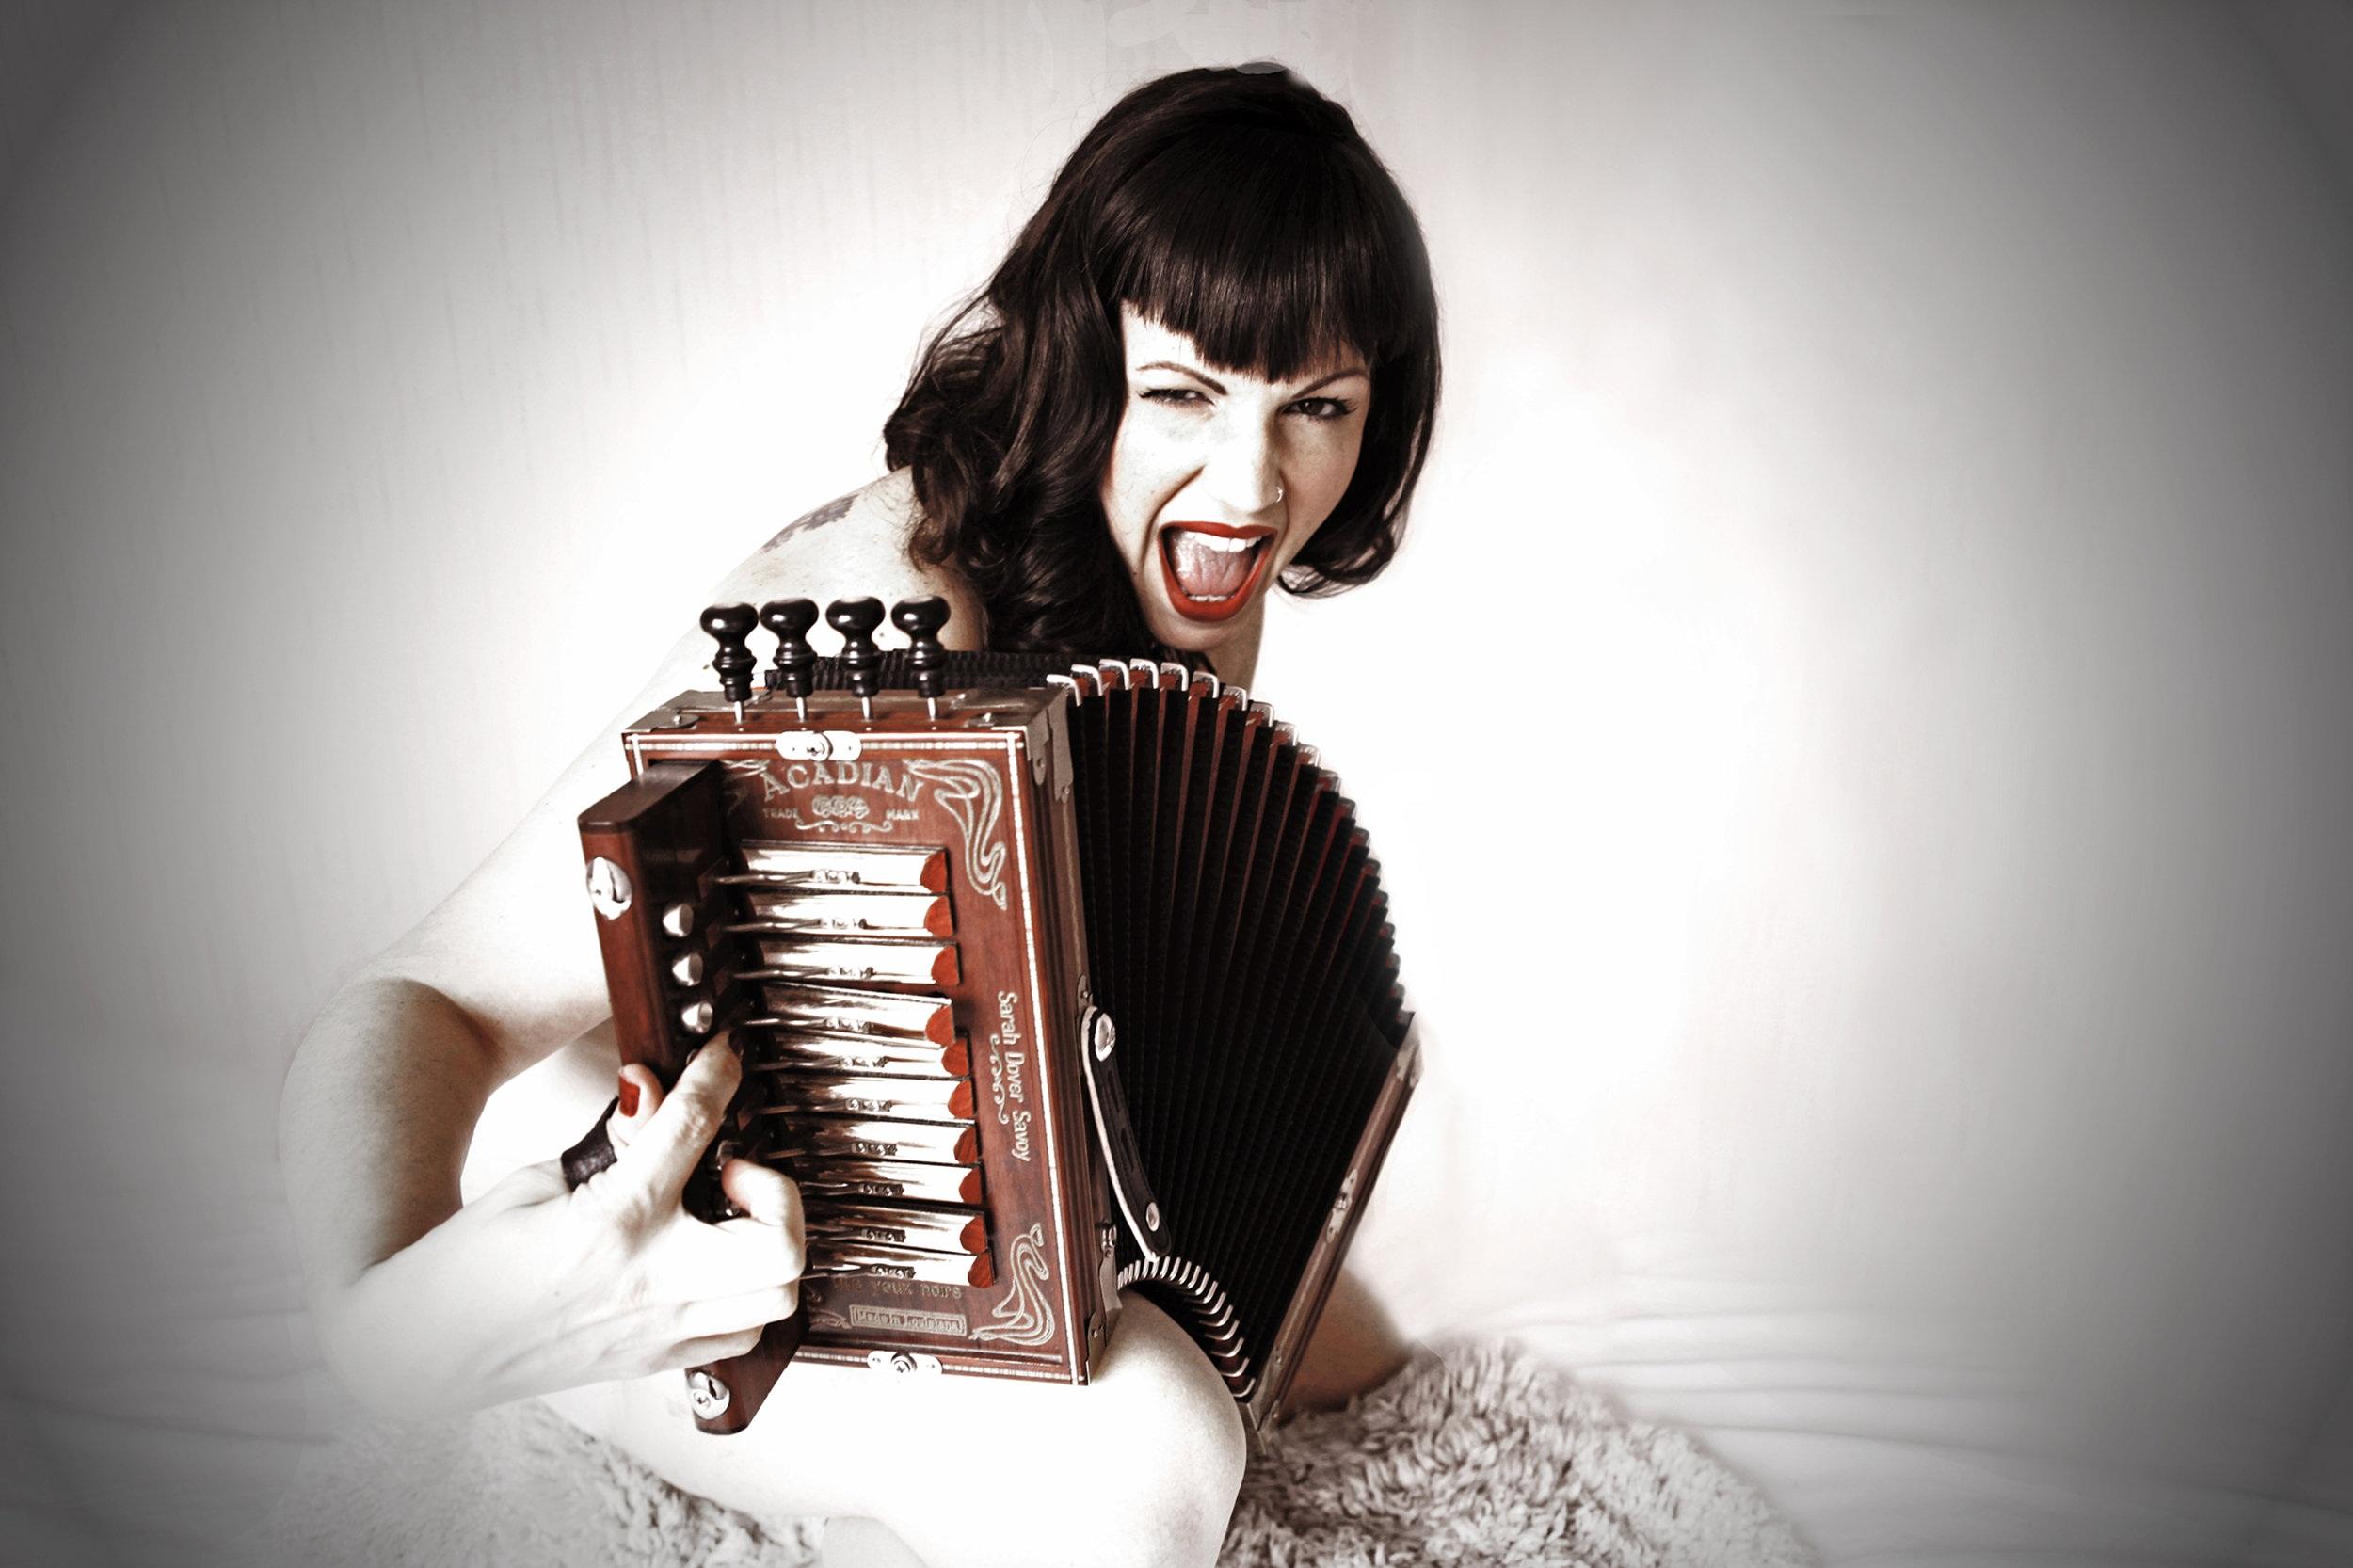 Sarah+Savoy+HI+res+acc+scream.jpg